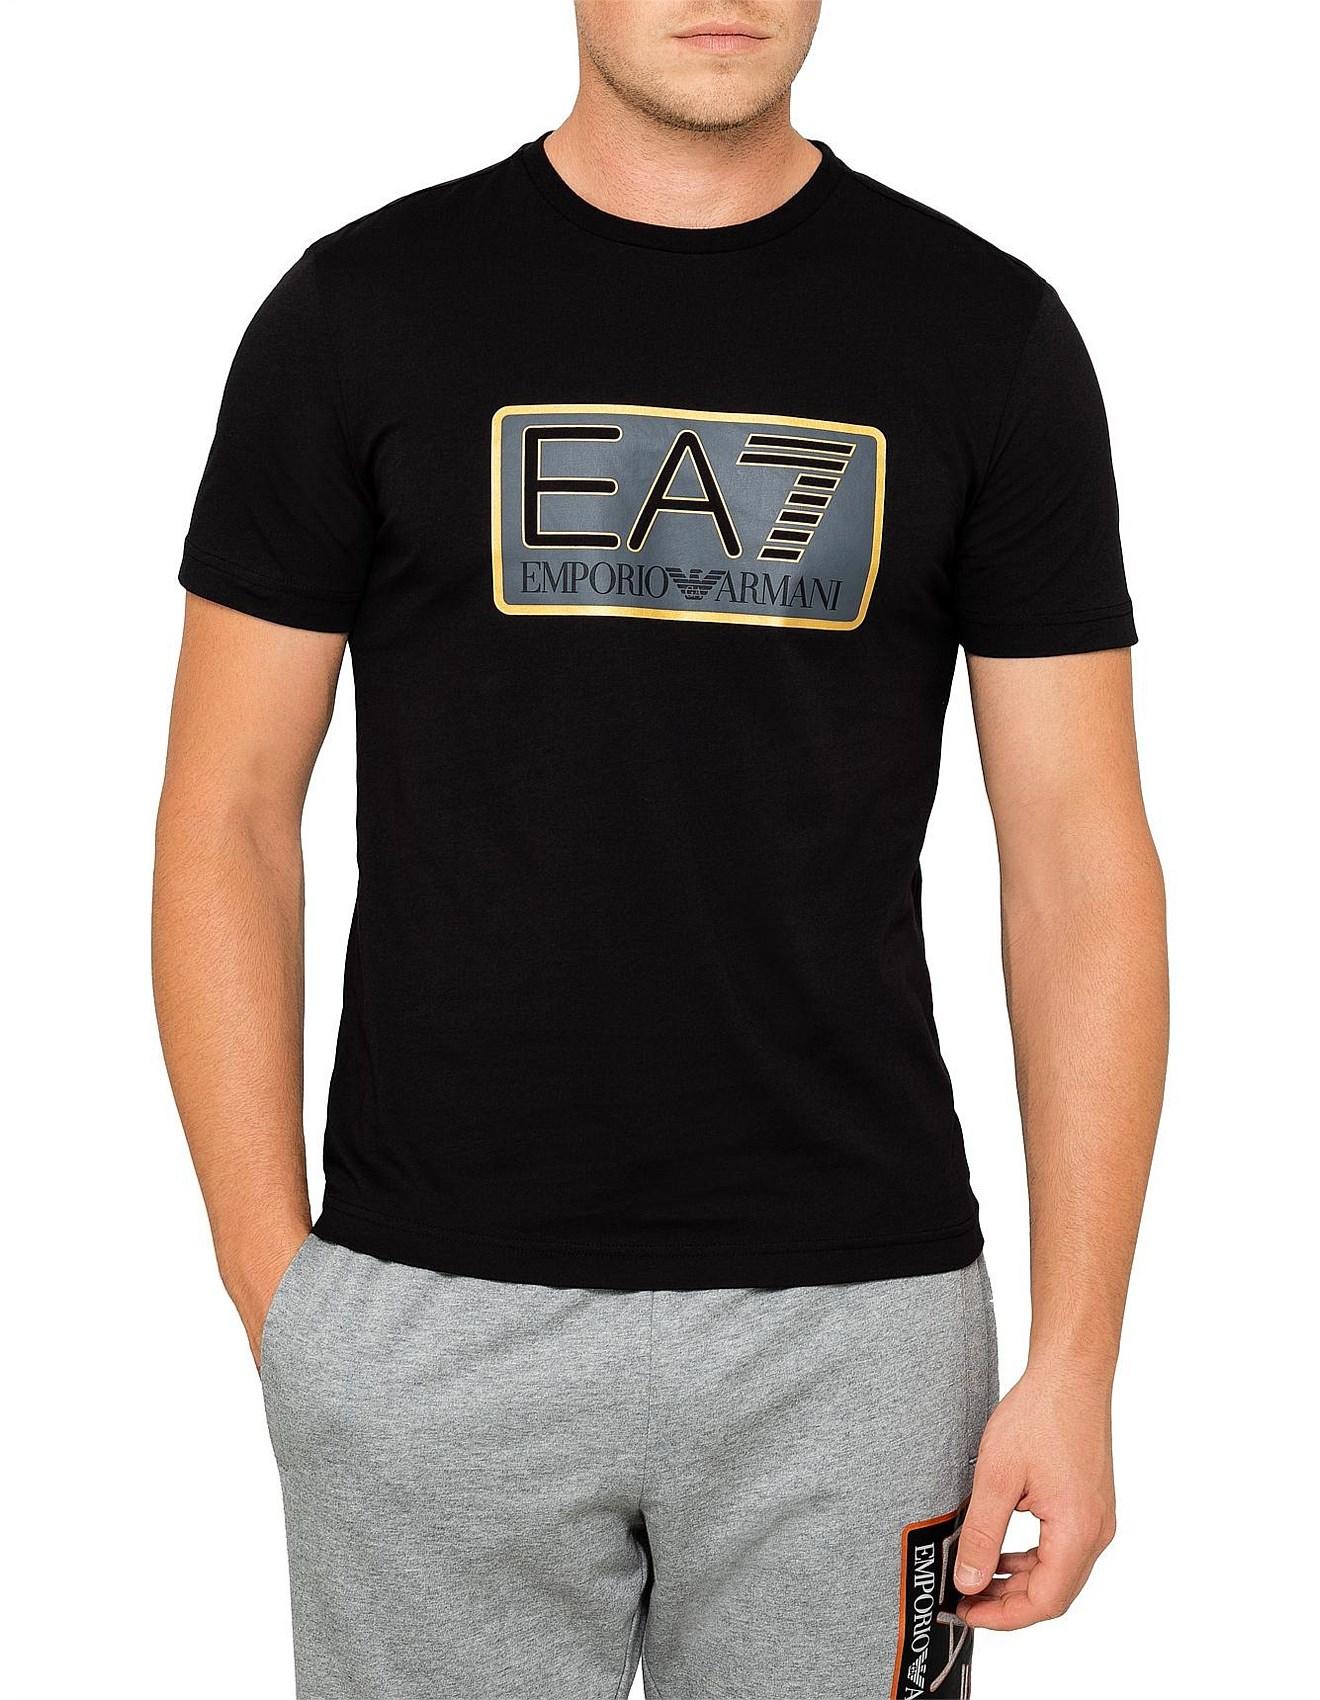 61c183a0e0be Men - EA7 T-SHIRT